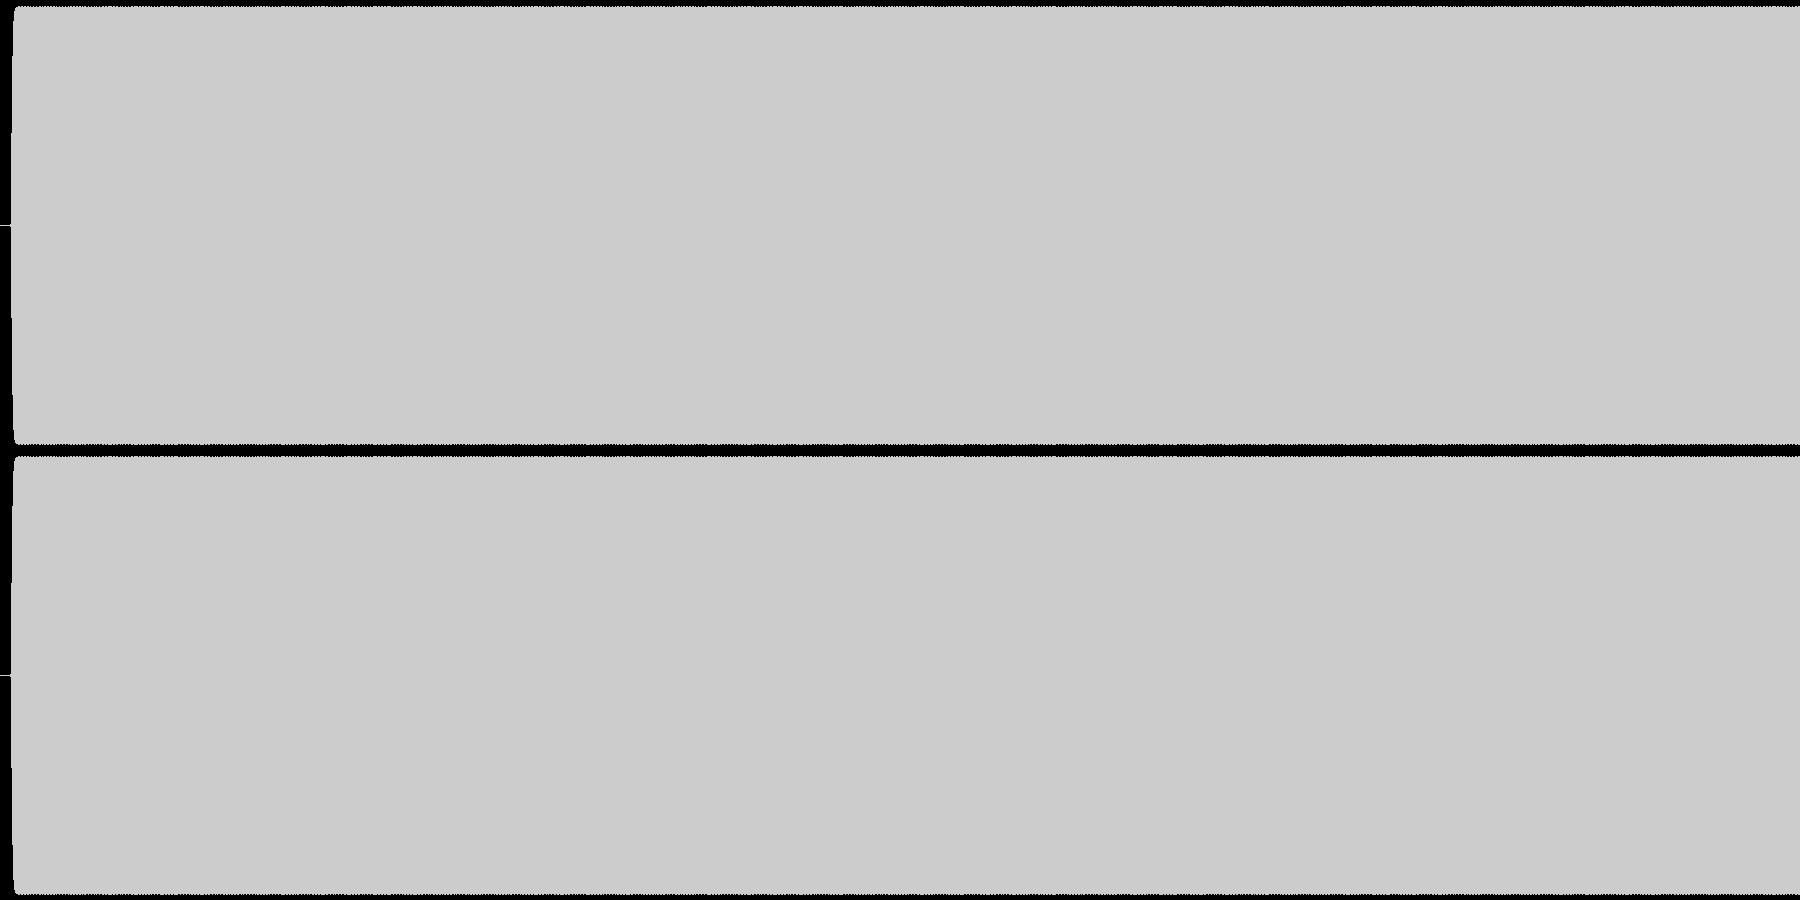 ピー音 自主規制音 (約1秒)の未再生の波形